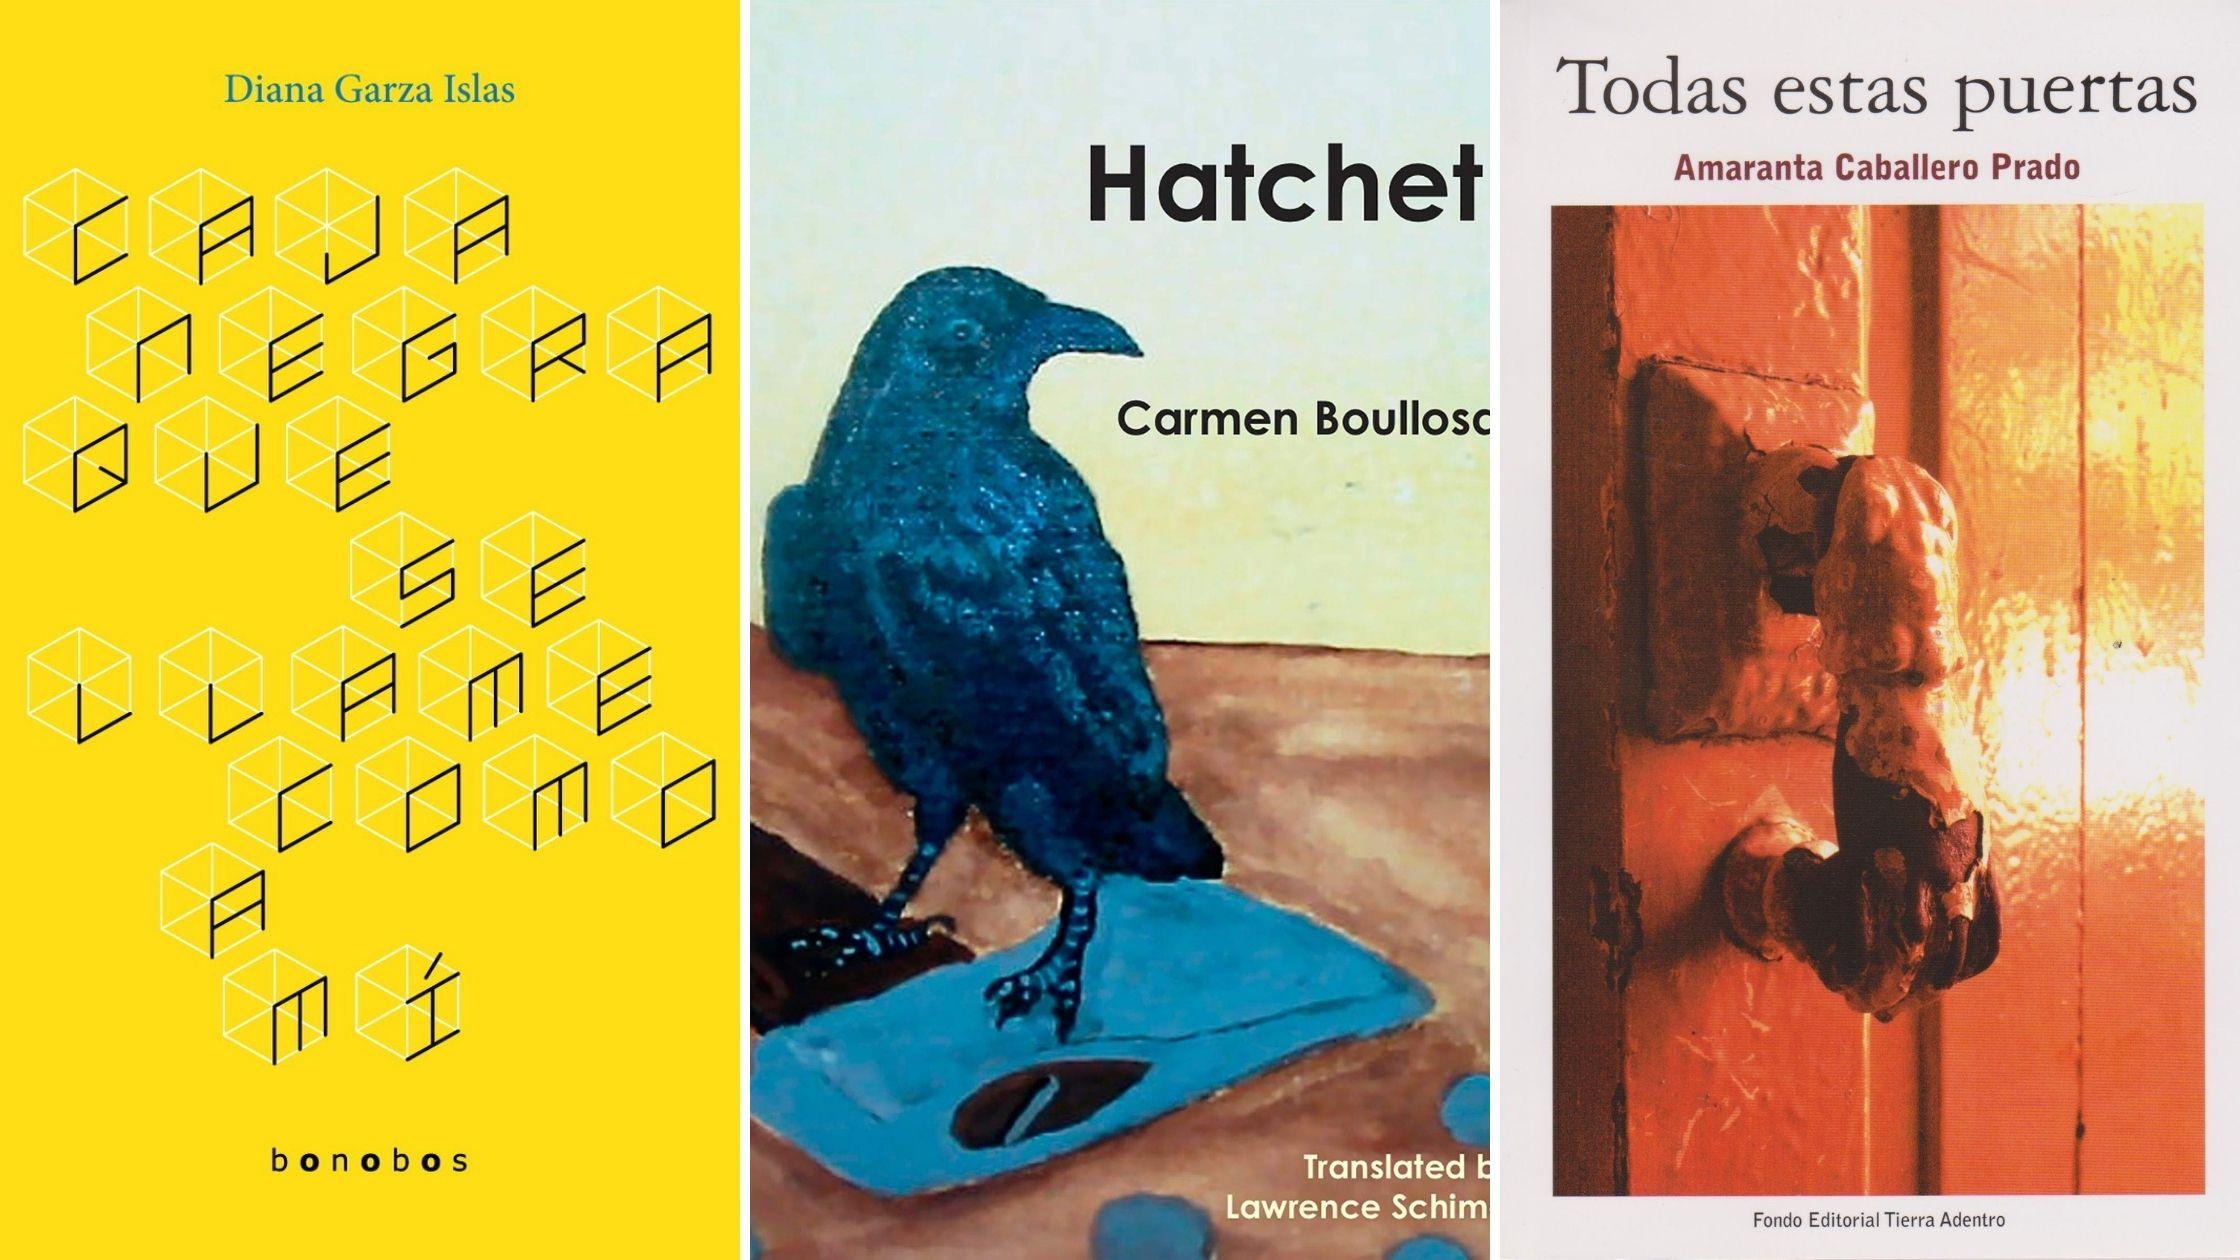 Covers: Hatchet, Caja negra, Todas estas puertas